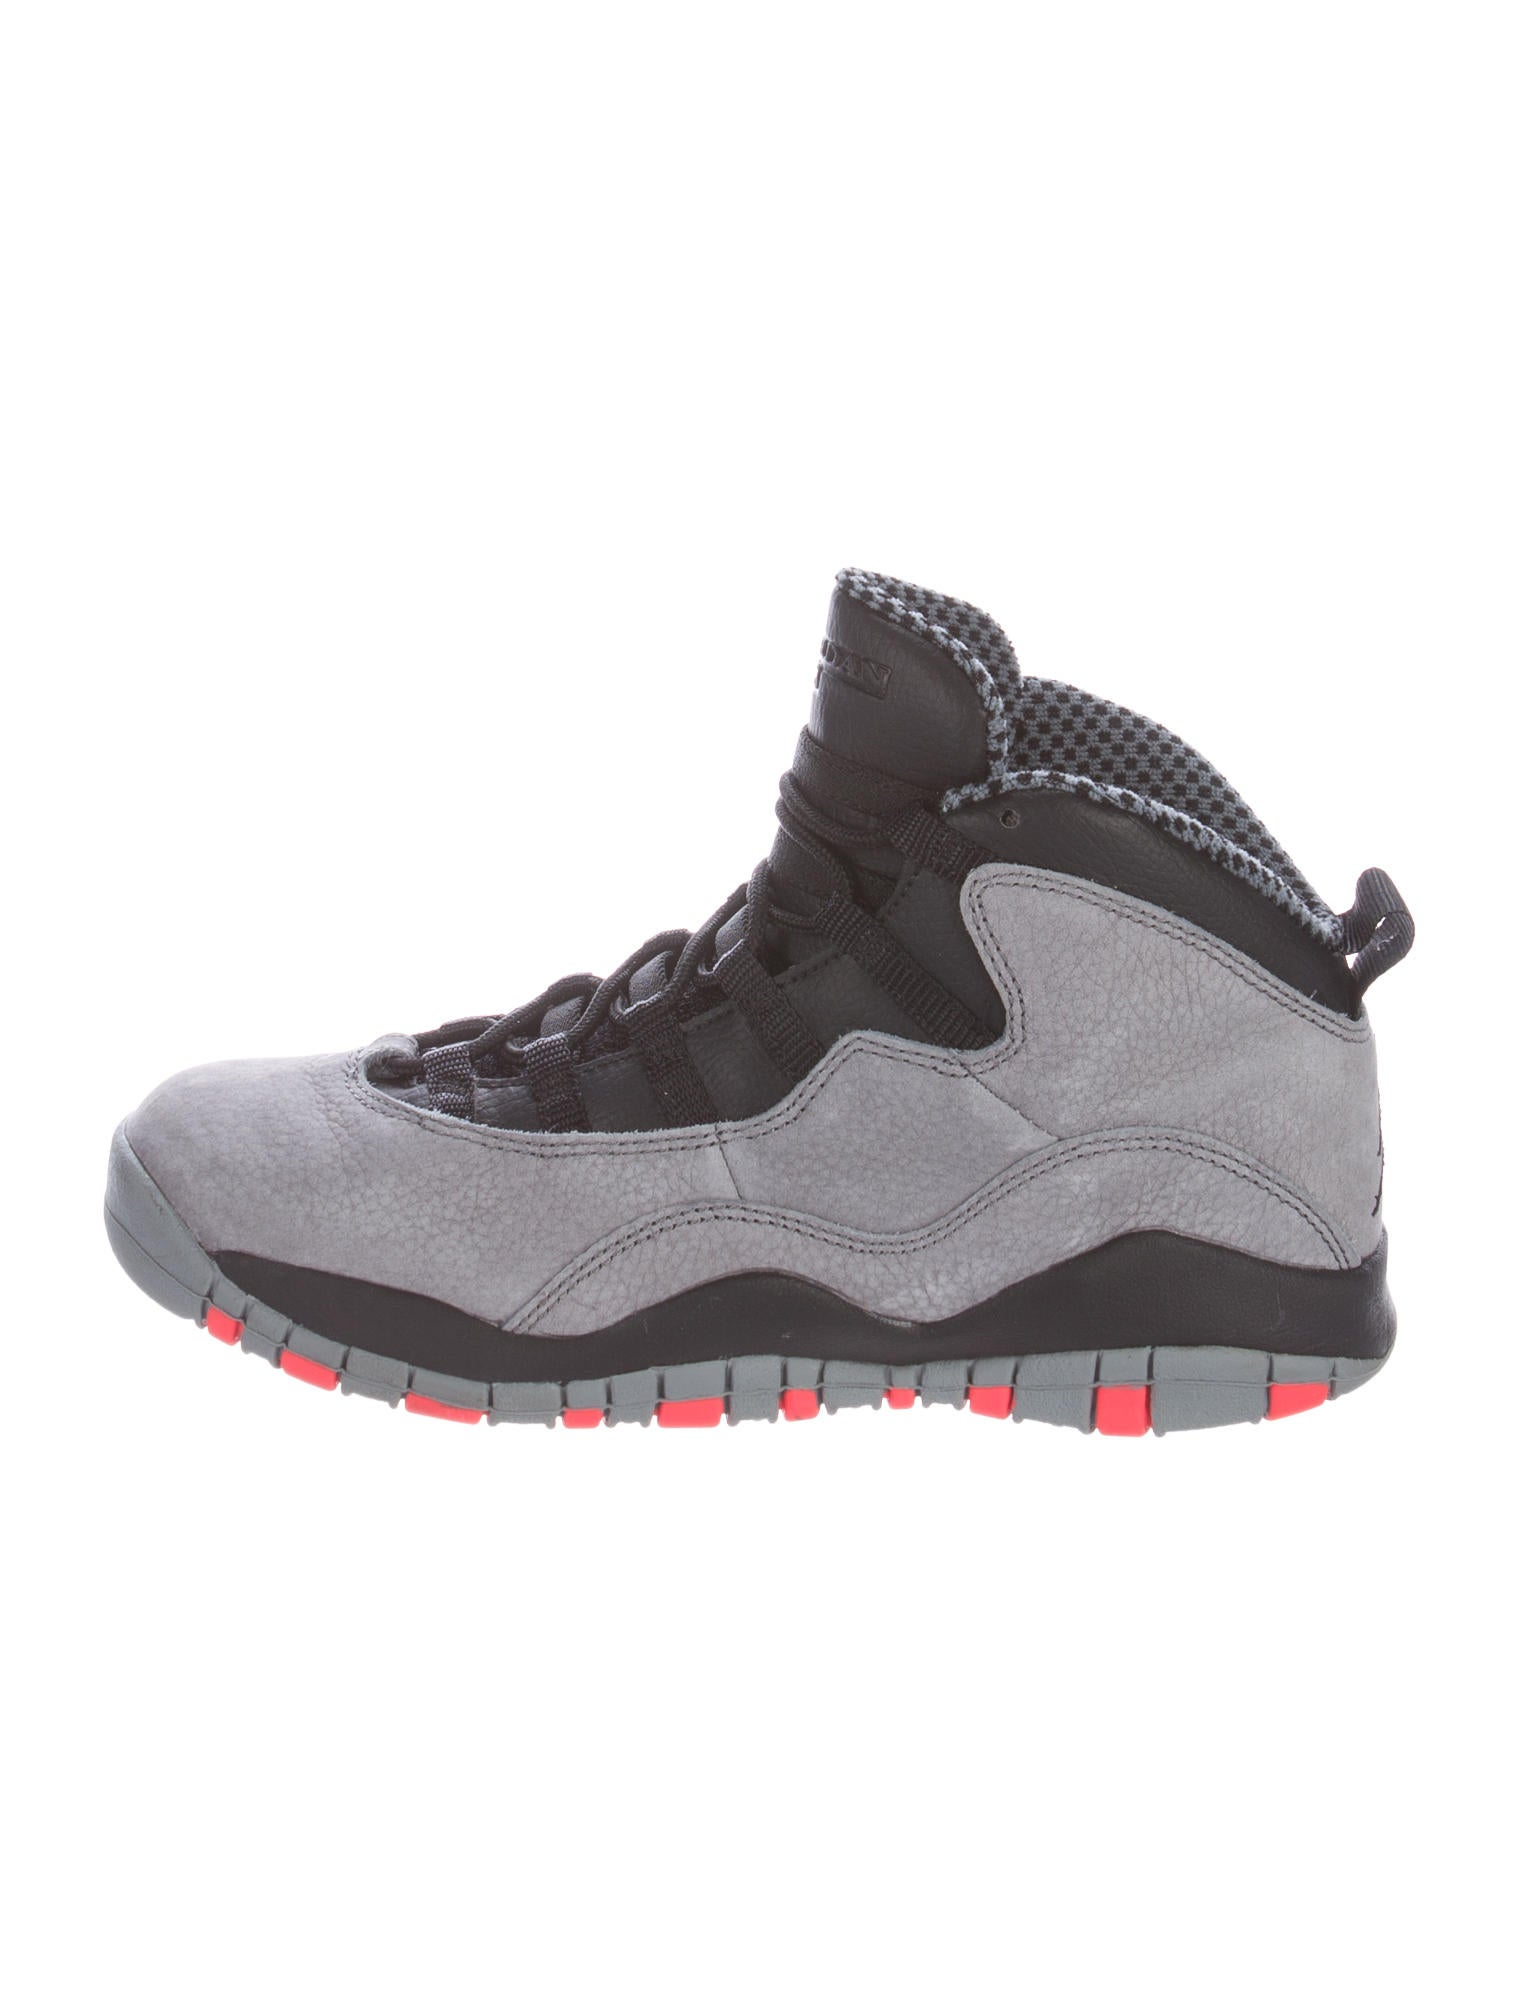 12effd30121 Air Jordan 18 Suede Pack   CTT